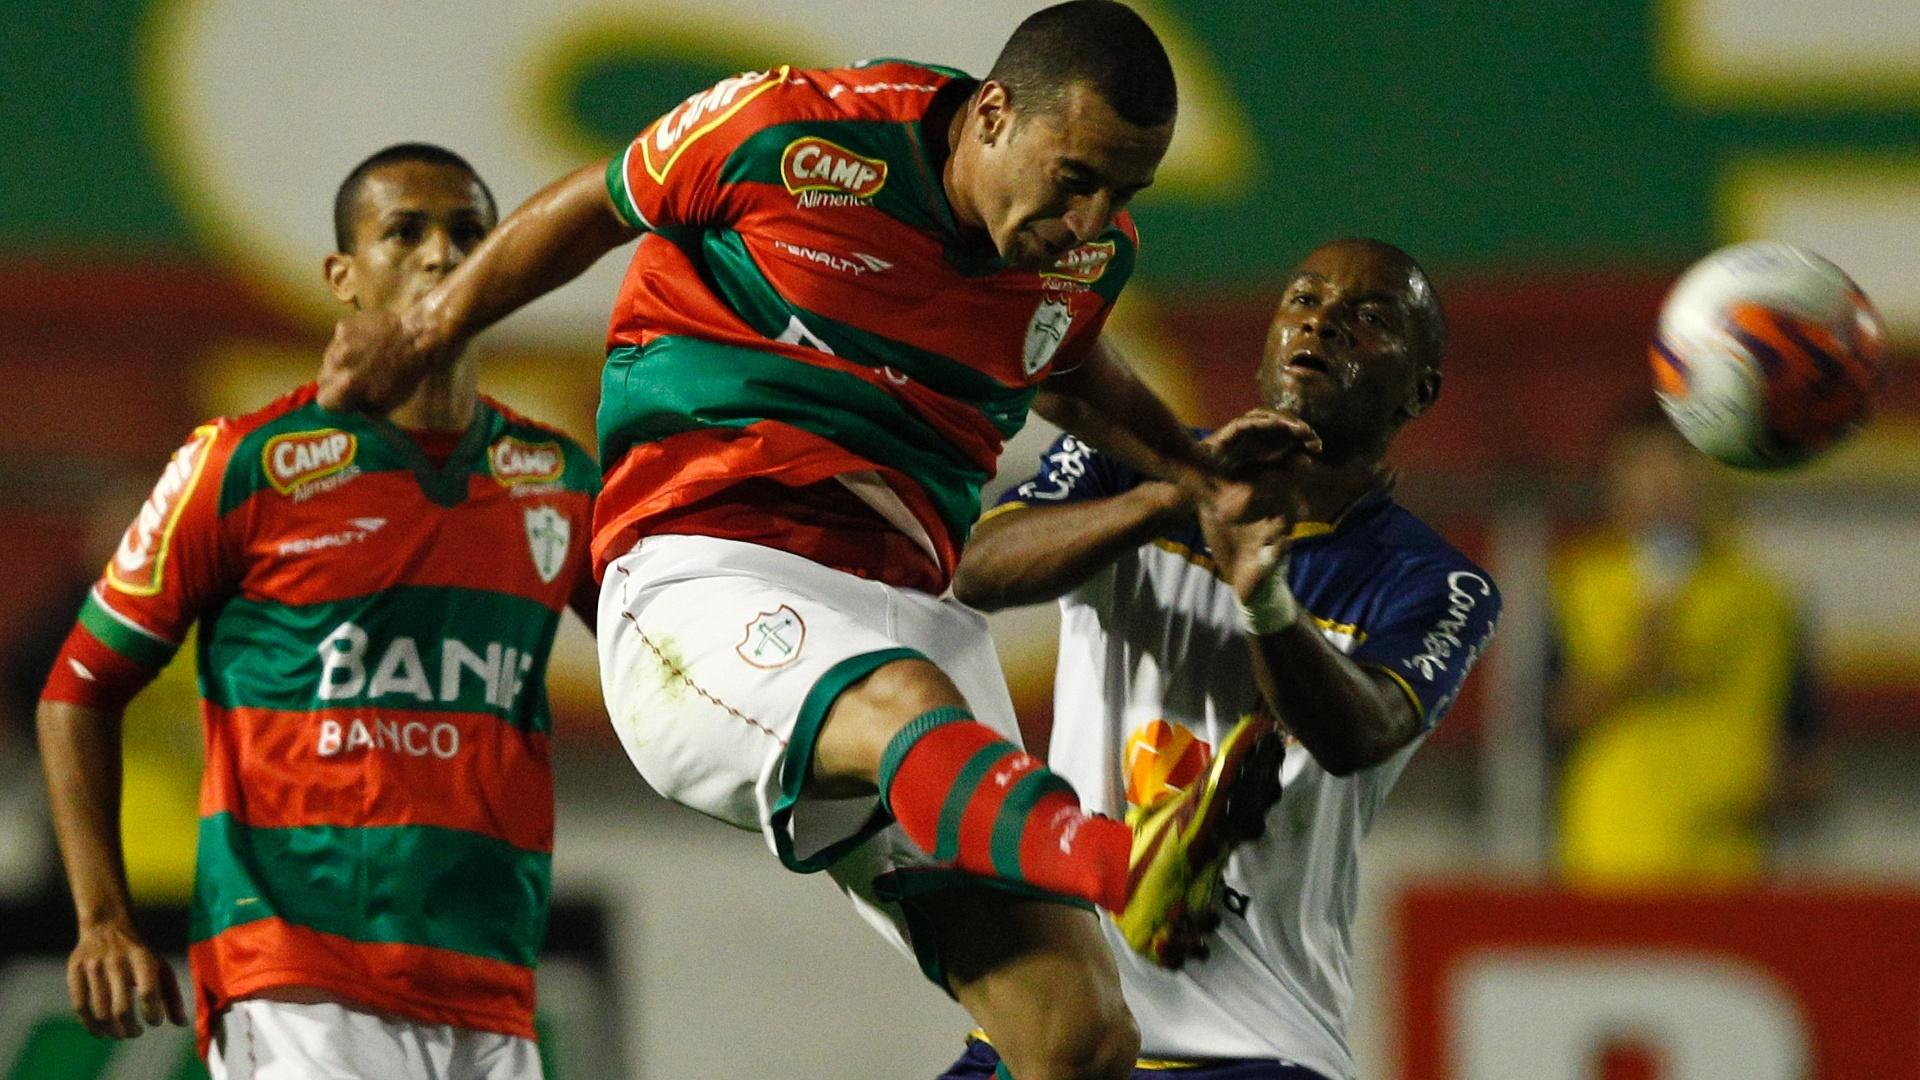 Guilherme e a Portuguesa bem que tentaram, mas não saíram do zero na partida contra o Americana, no Canindé (26/07/2011)